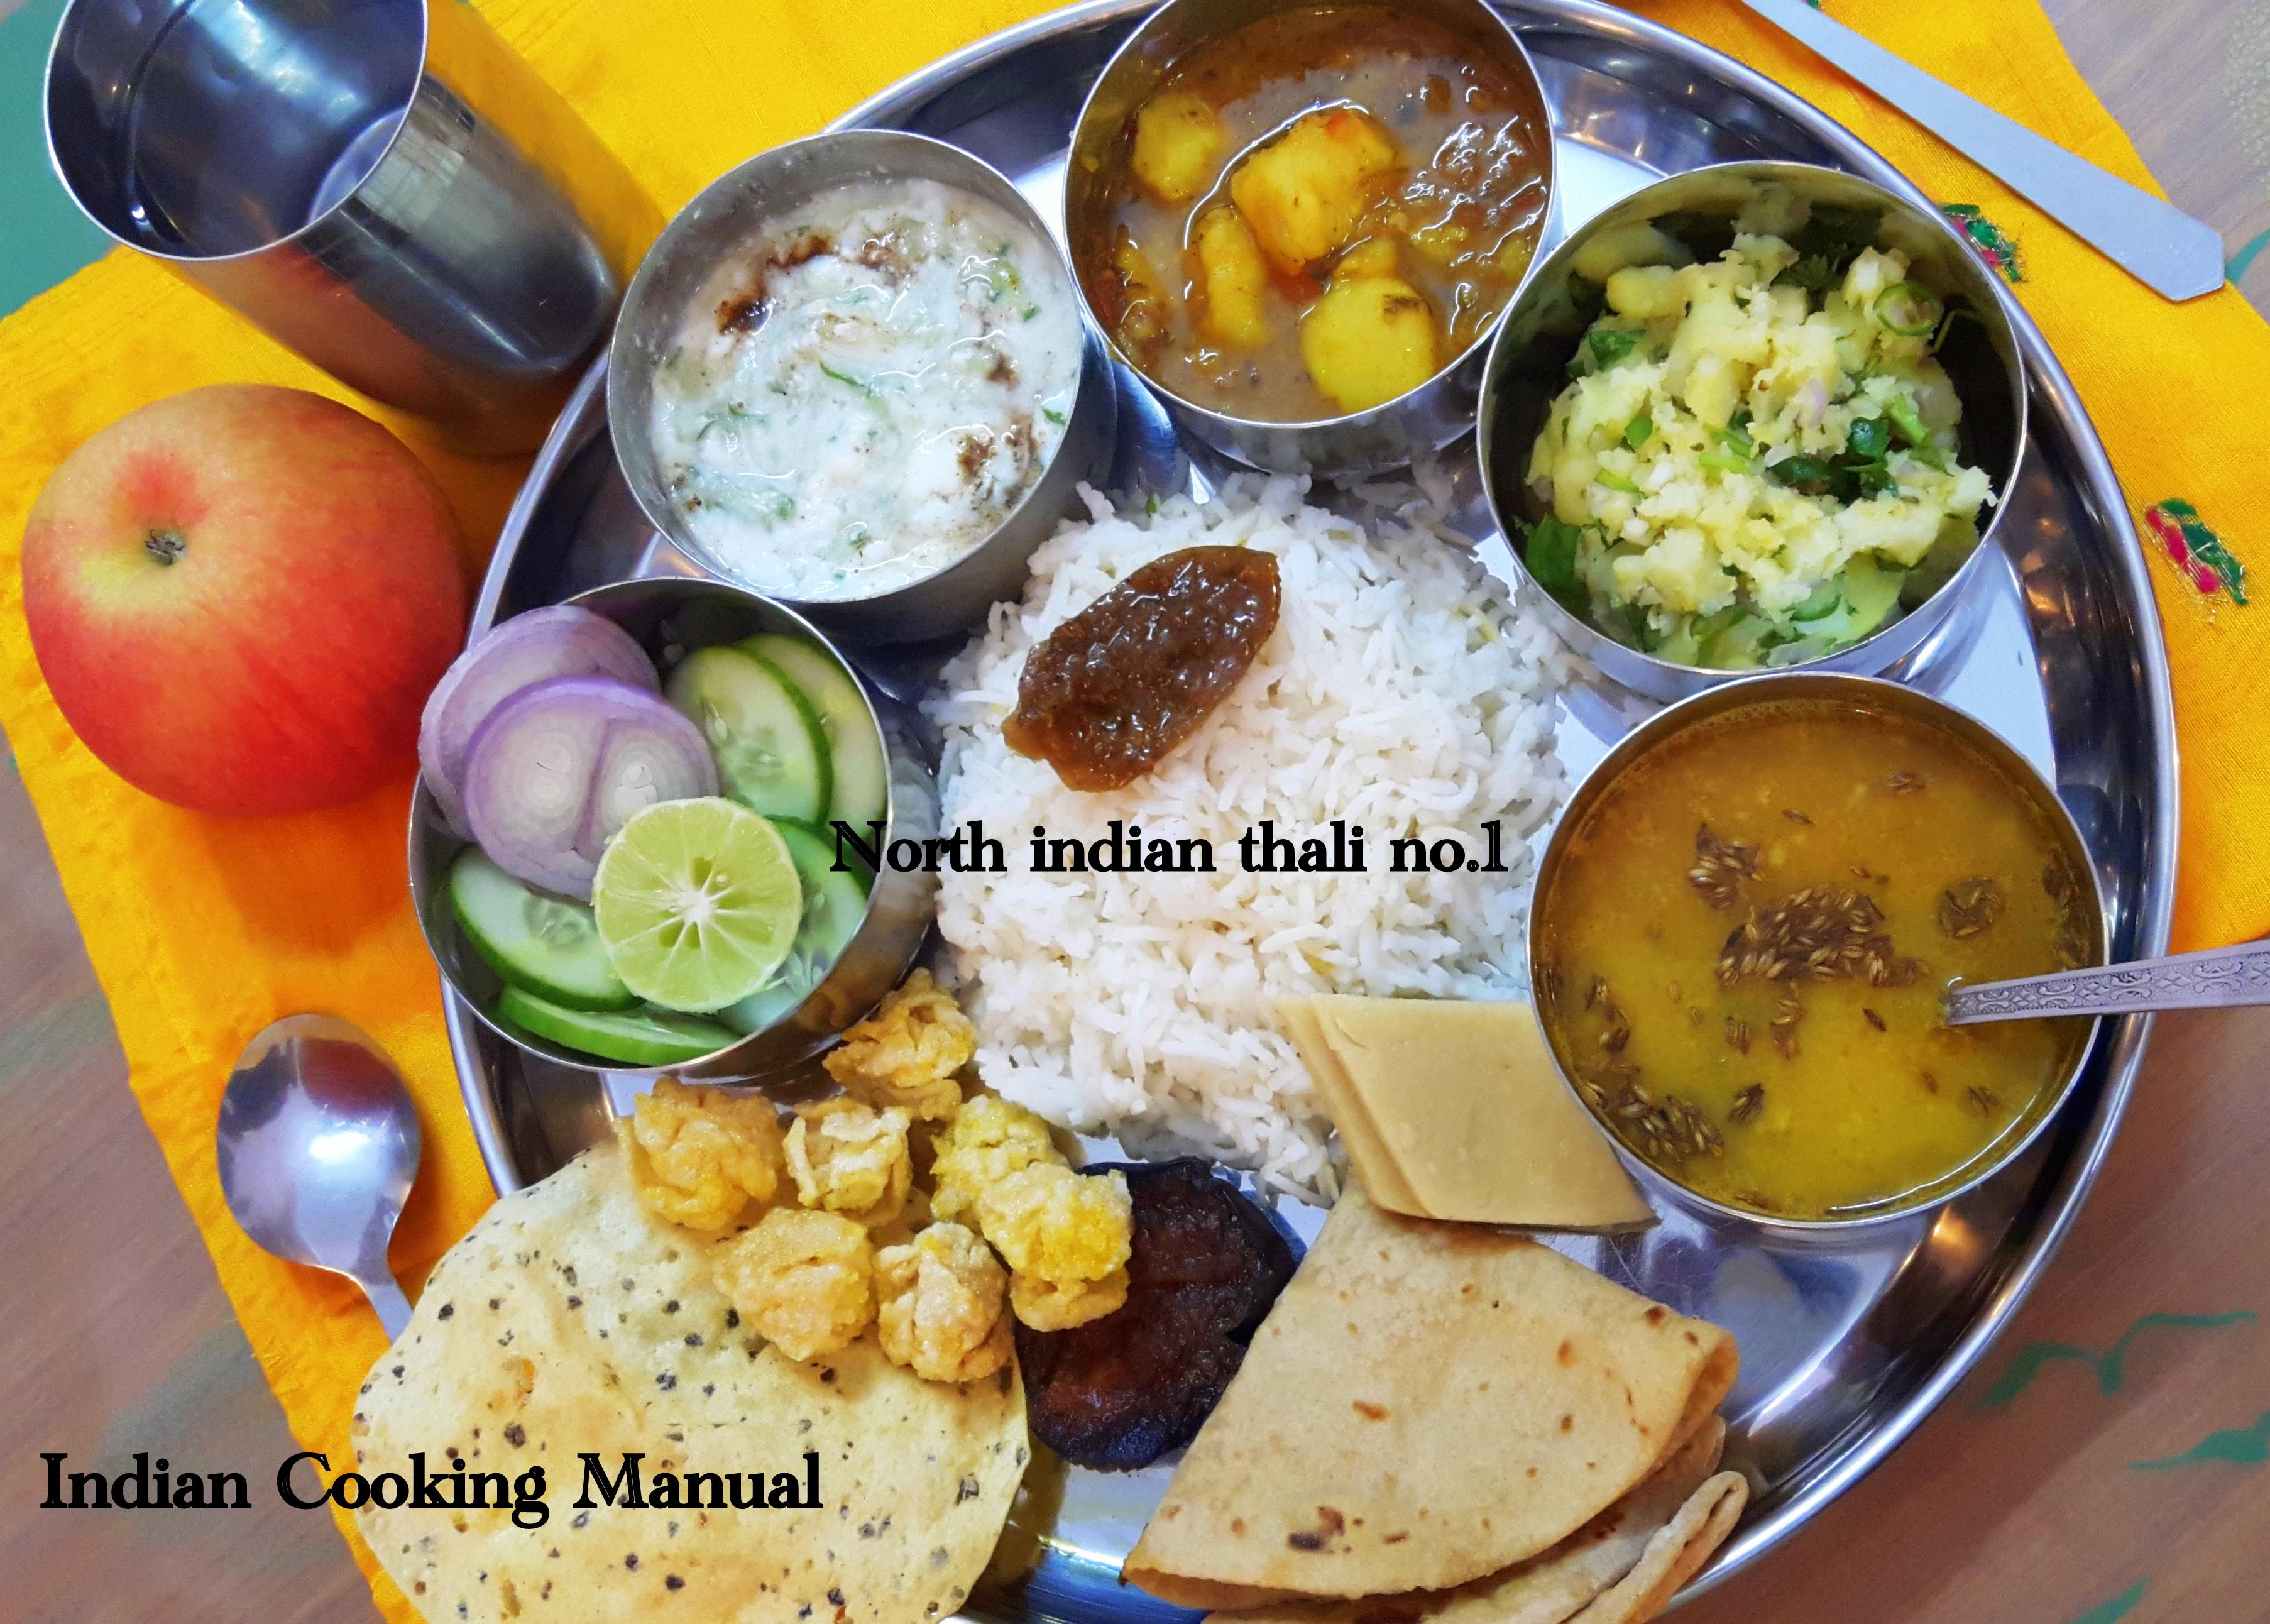 North Indian Thali no. 1